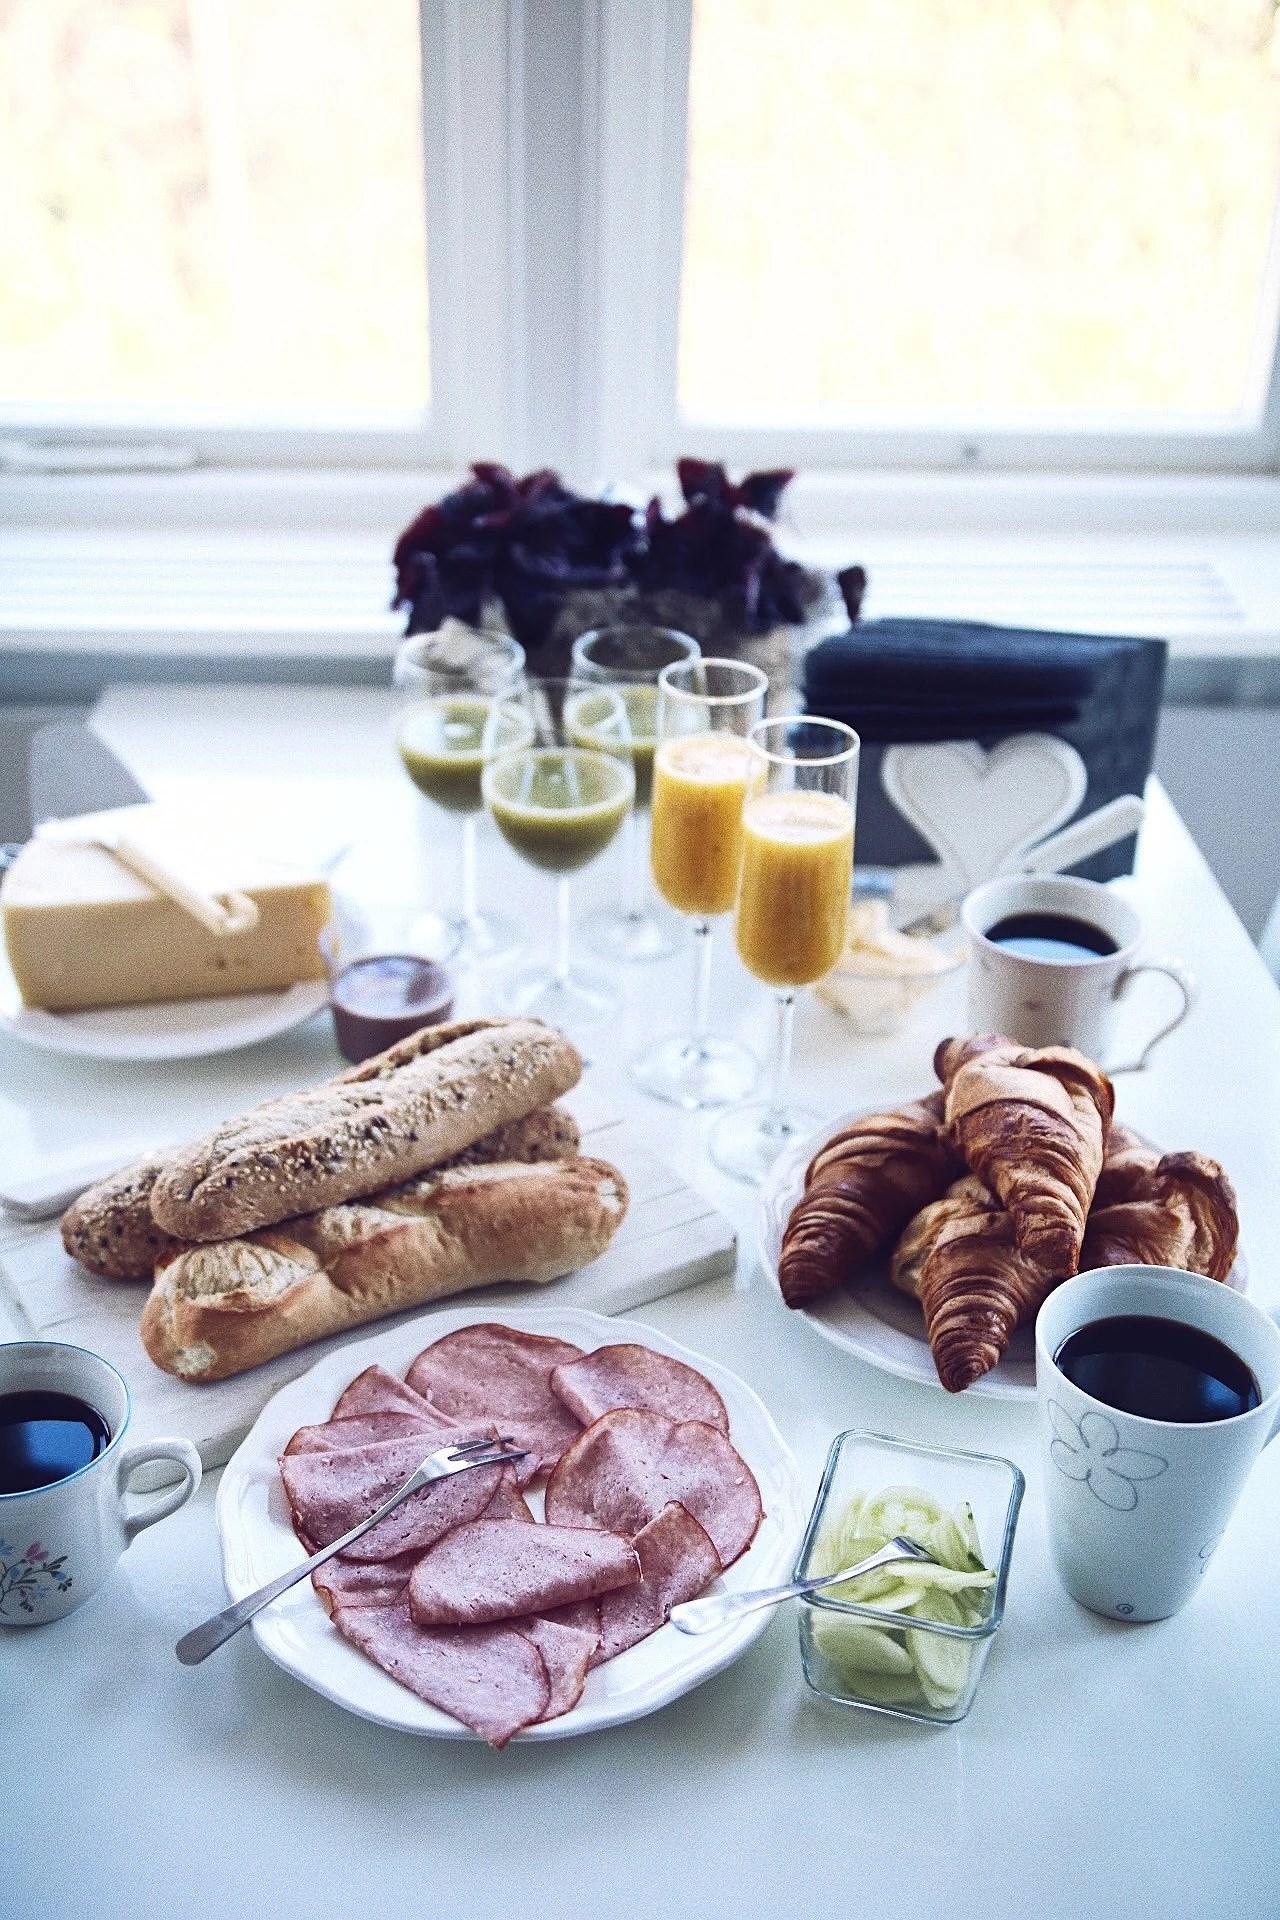 Vaknade upp efter en mardröm till en uppdukad frukost